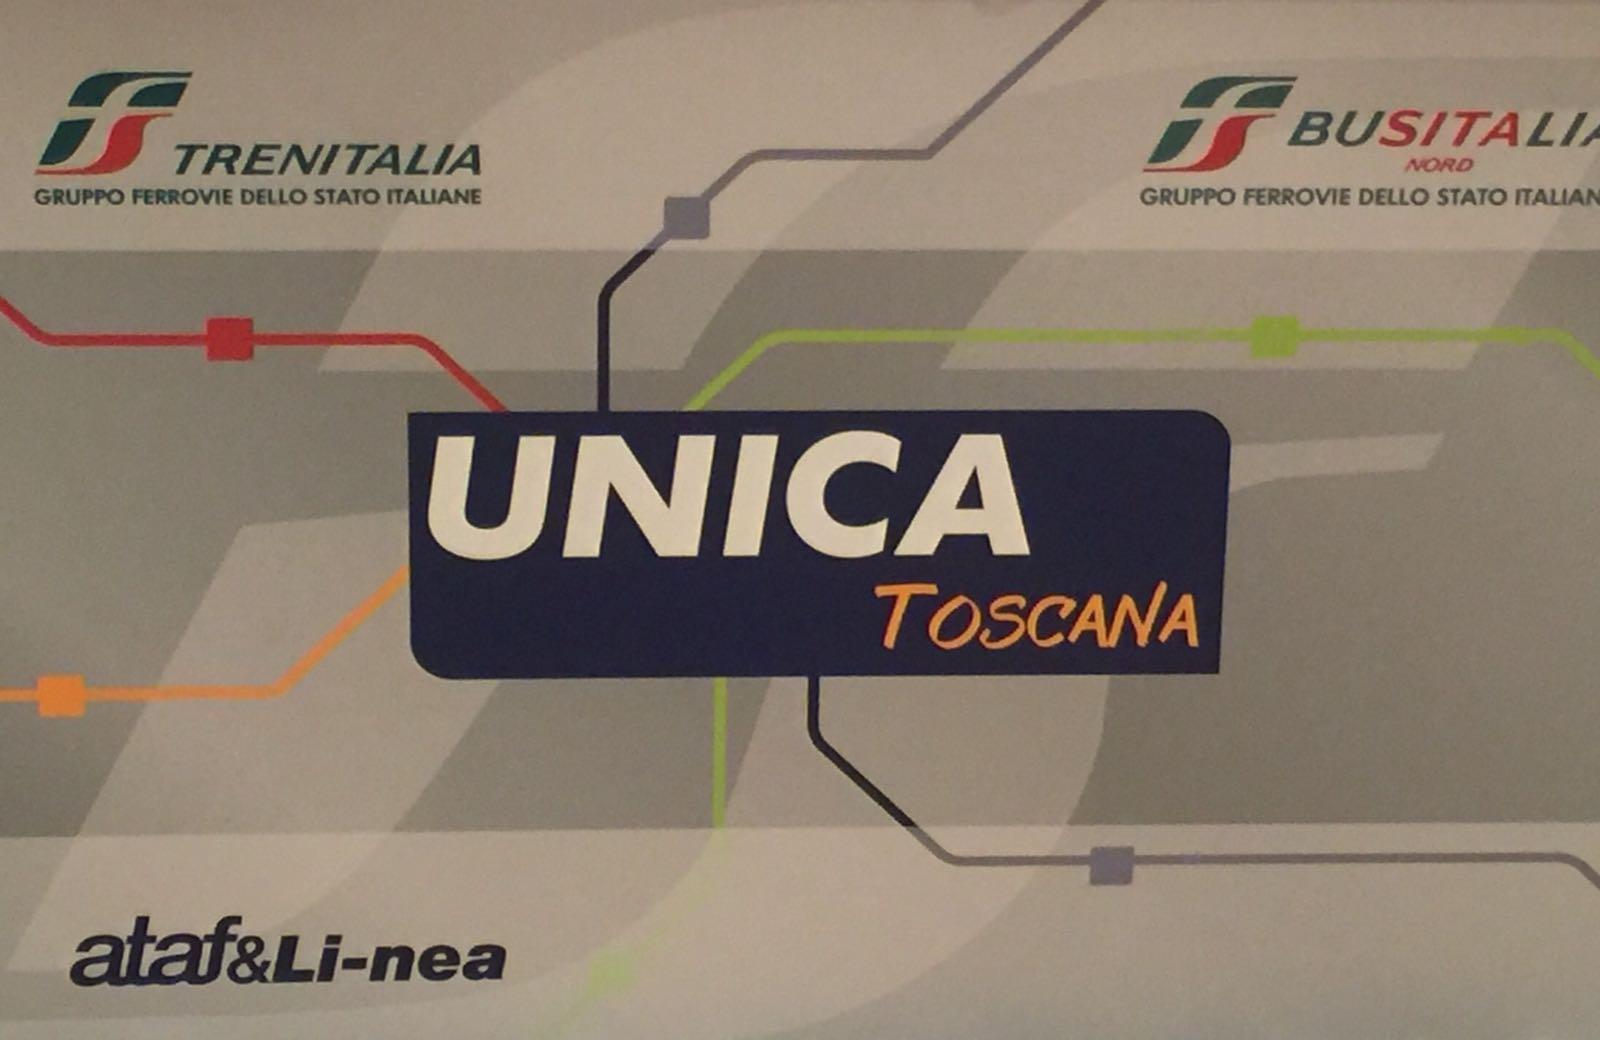 E' nata la carta unica dei trasporti di Firenze